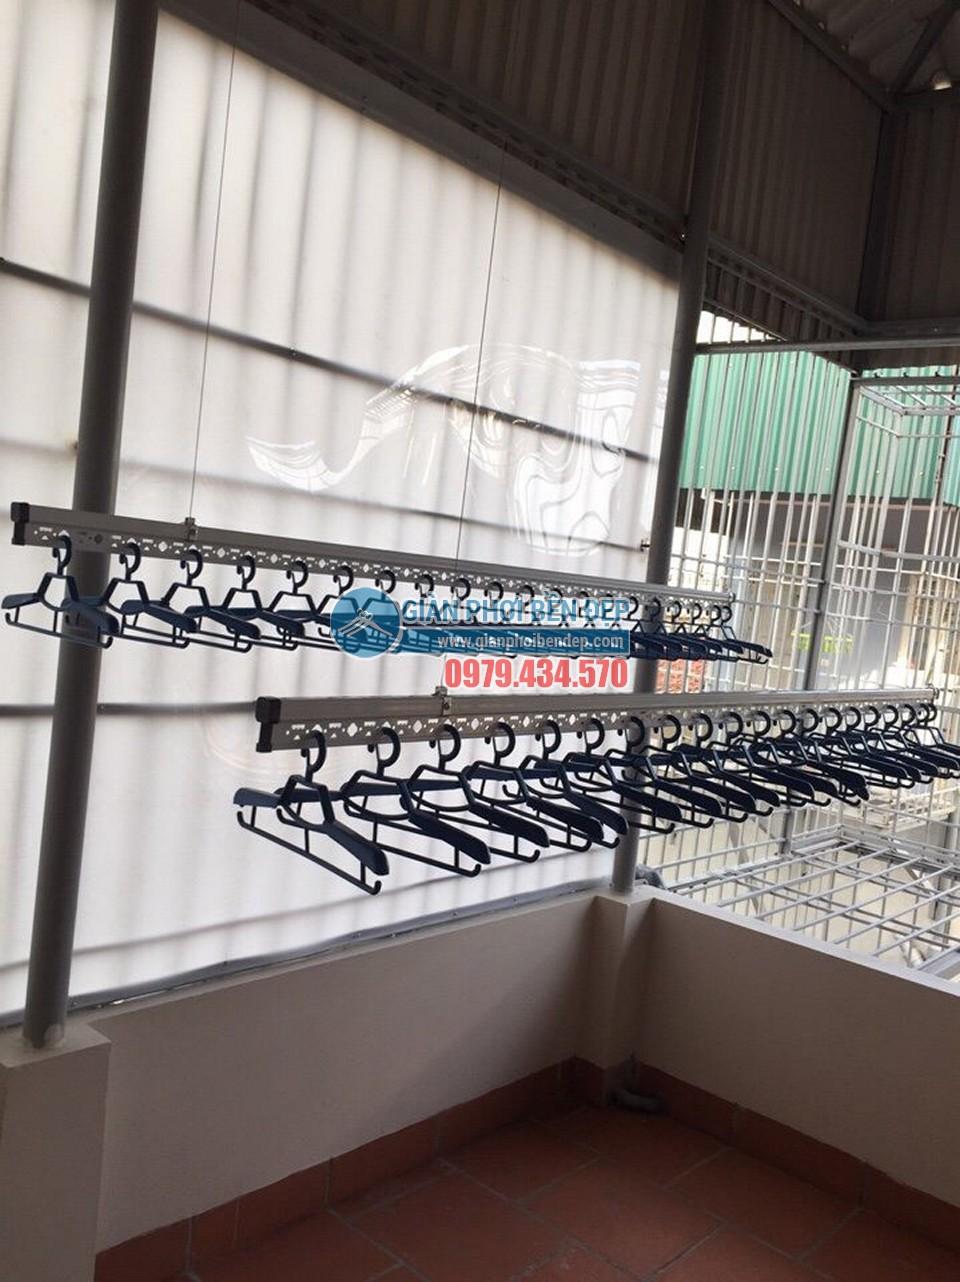 Lắp bộ giàn phơi thông minh cao cấp ở trần mái tôn nhà chị Hòa